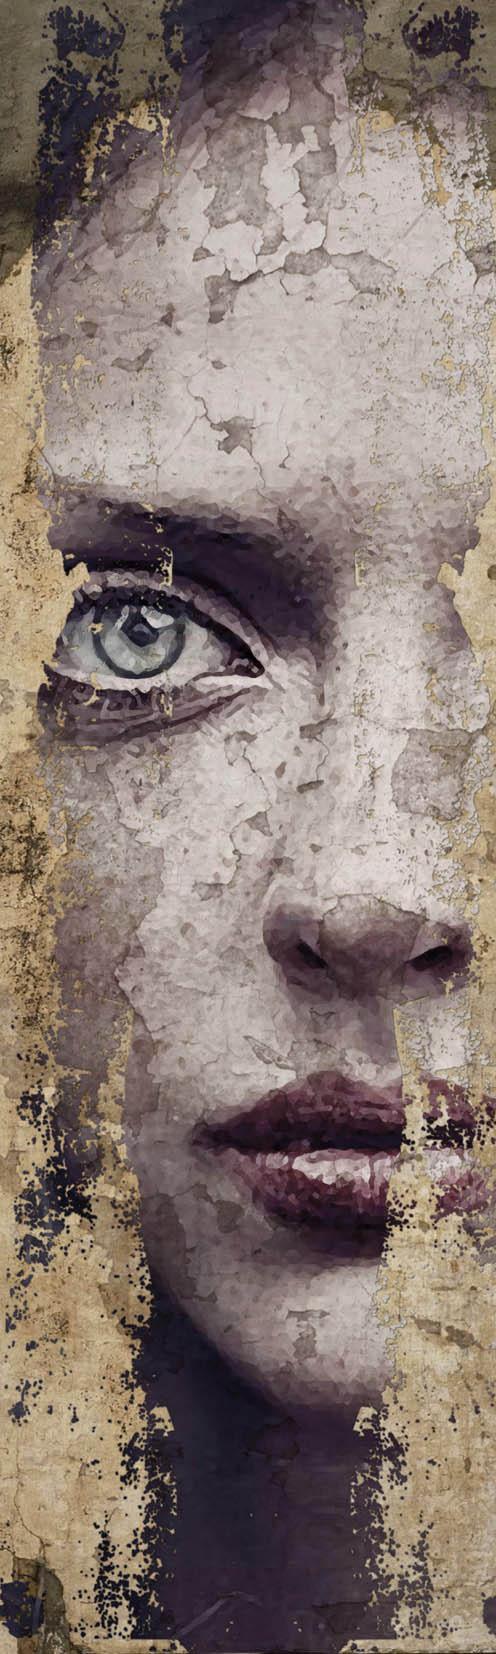 by ANTONIO MORA